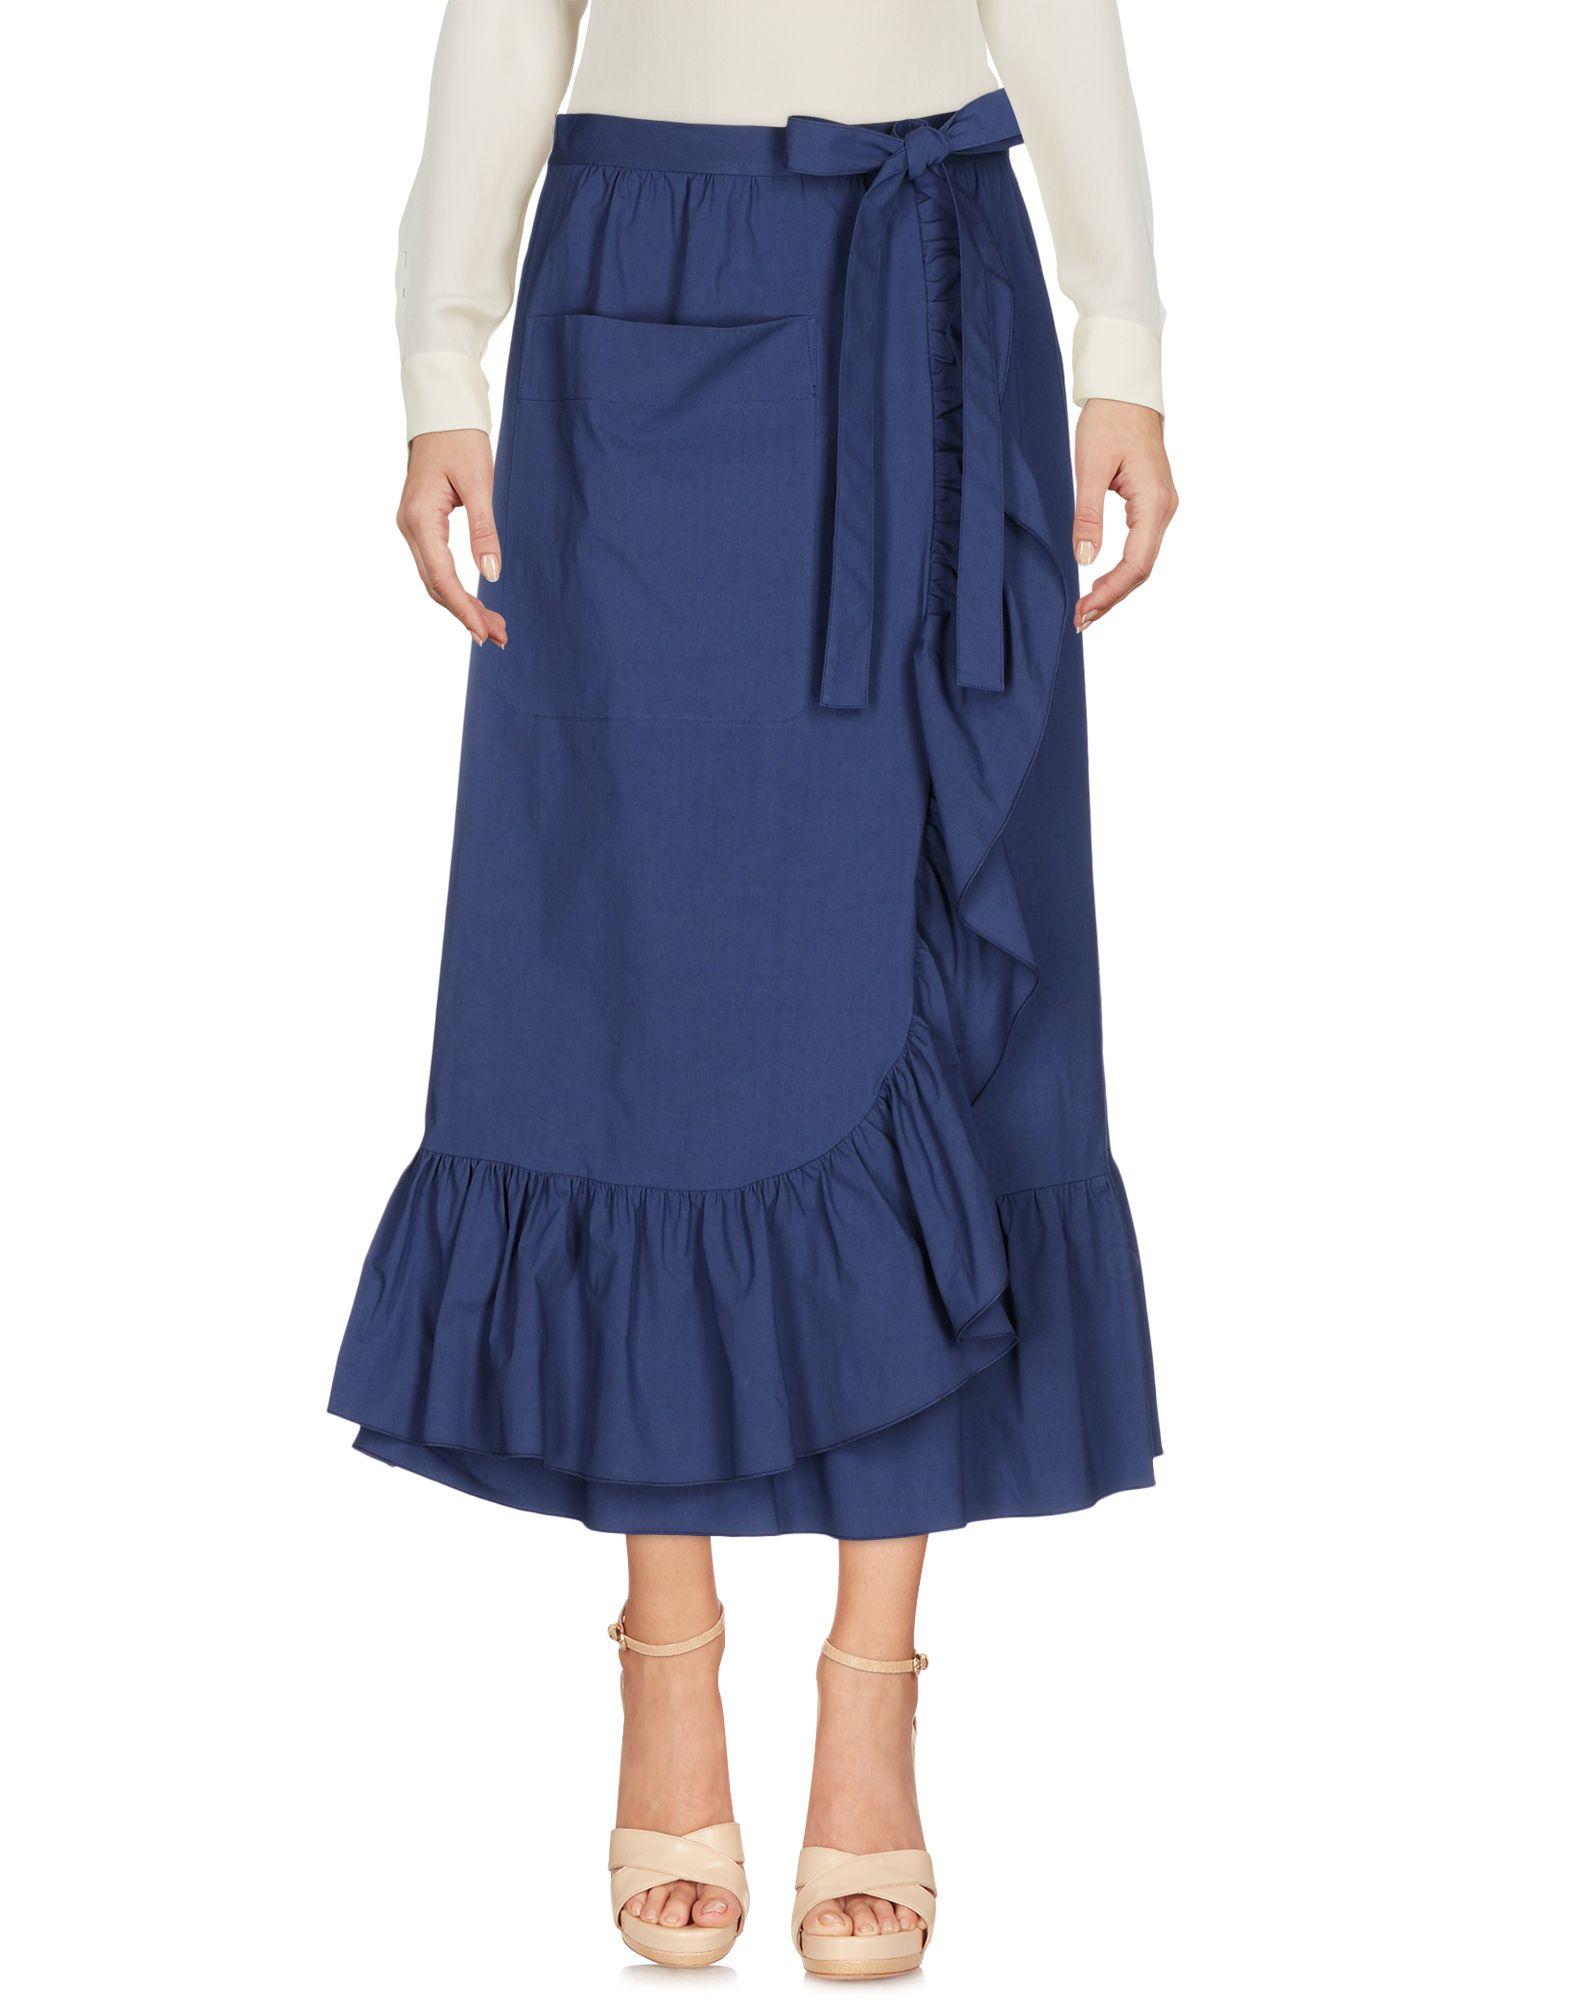 BOUTIQUE MOSCHINO Damen Midirock Farbe Taubenblau Größe 6 jetztbilligerkaufen